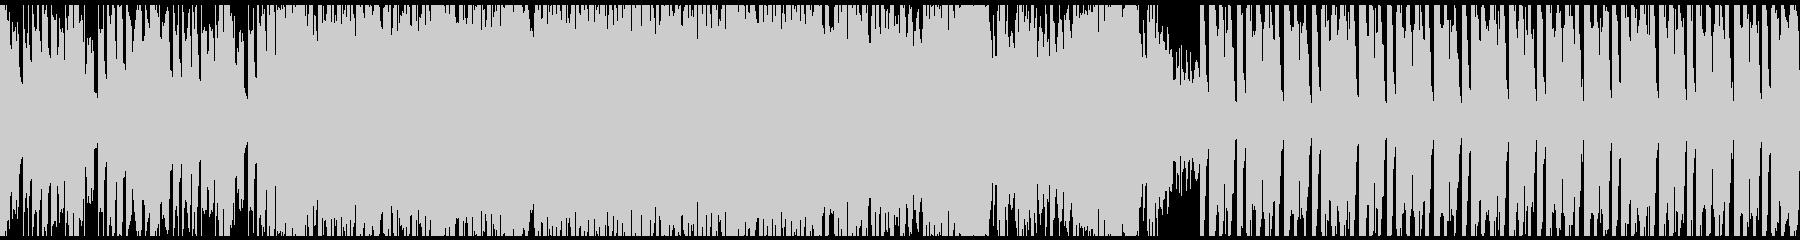 エンディングっぽいEDMの未再生の波形